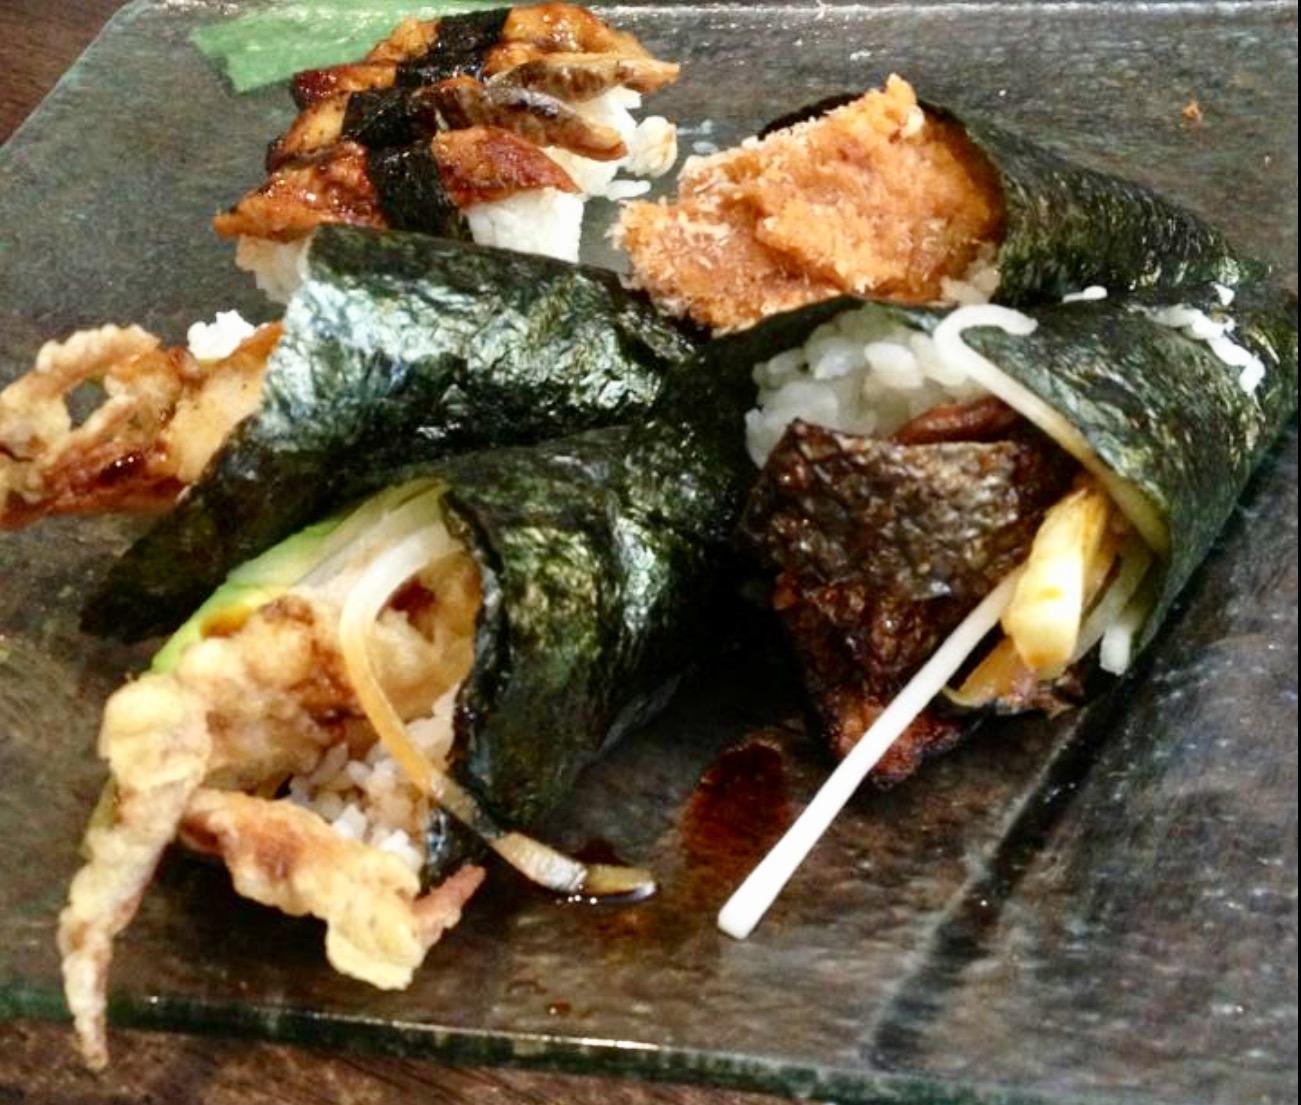 Sushi Palace image 2